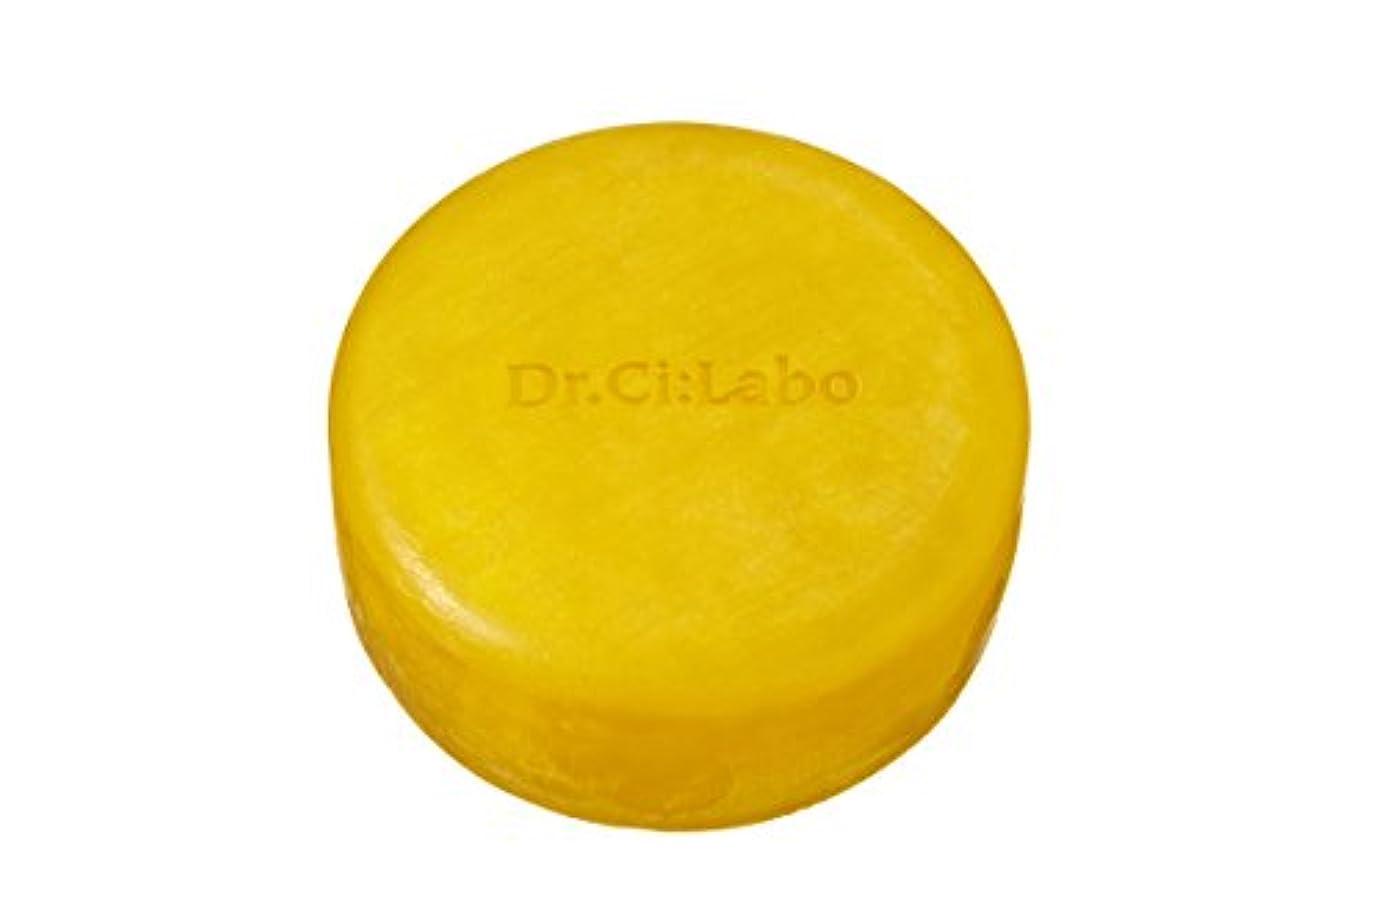 固有のシャンプー温帯ドクターシーラボ エンリッチリフトソープEX 角質オフ石鹸 100g 洗顔石鹸